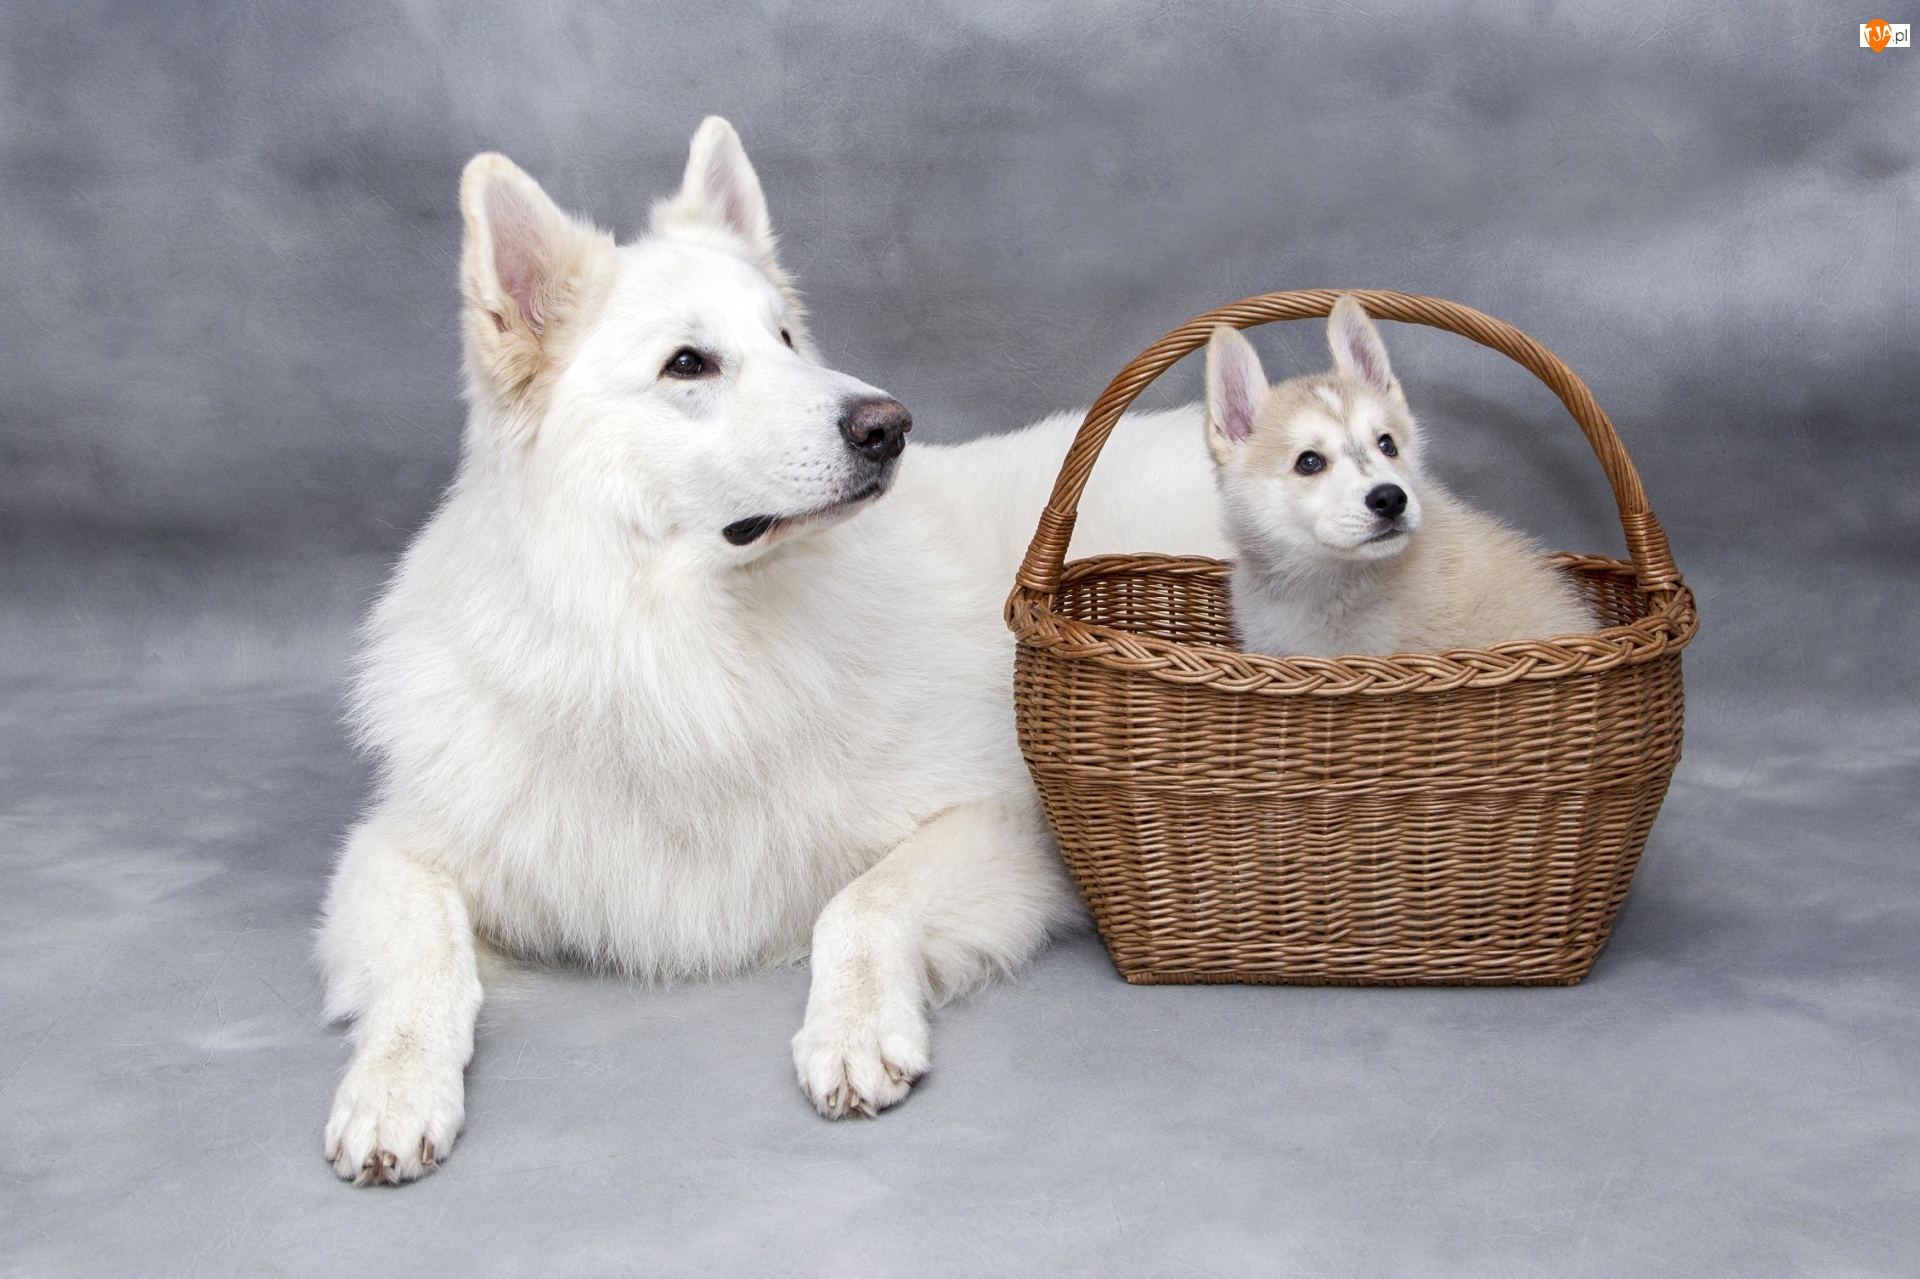 Biały owczarek szwajcarski, Pies, Siberian husky, Koszyk, Szczeniak, Wiklinowy